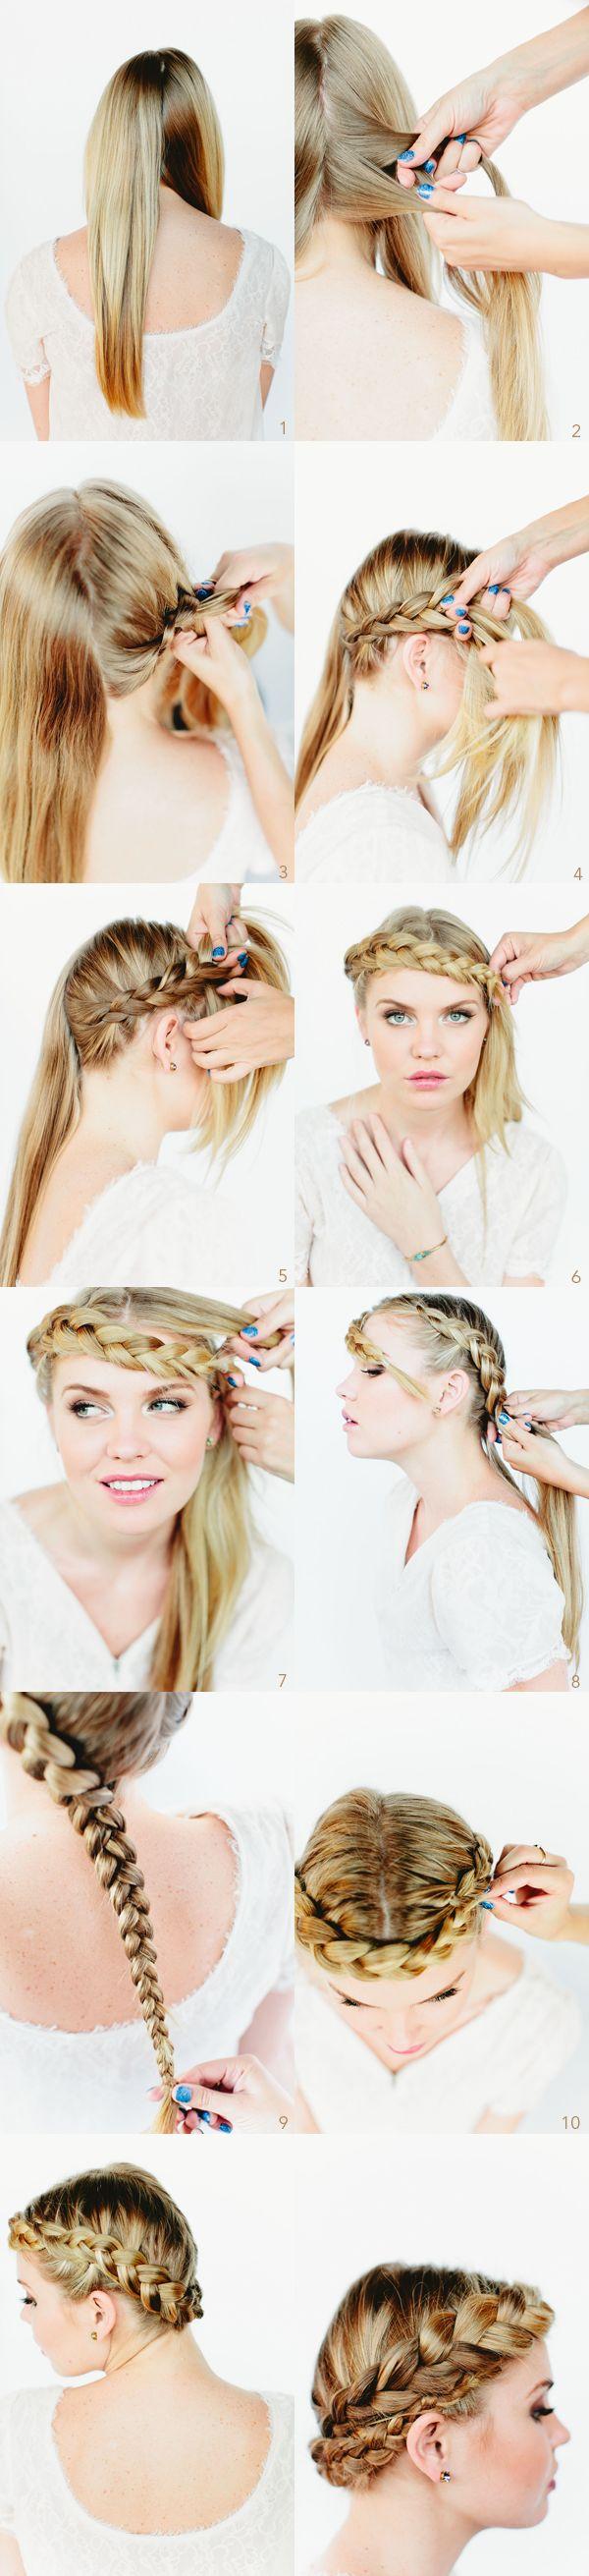 Penteados para tentar: tutoriais úteis para o cabelo longo